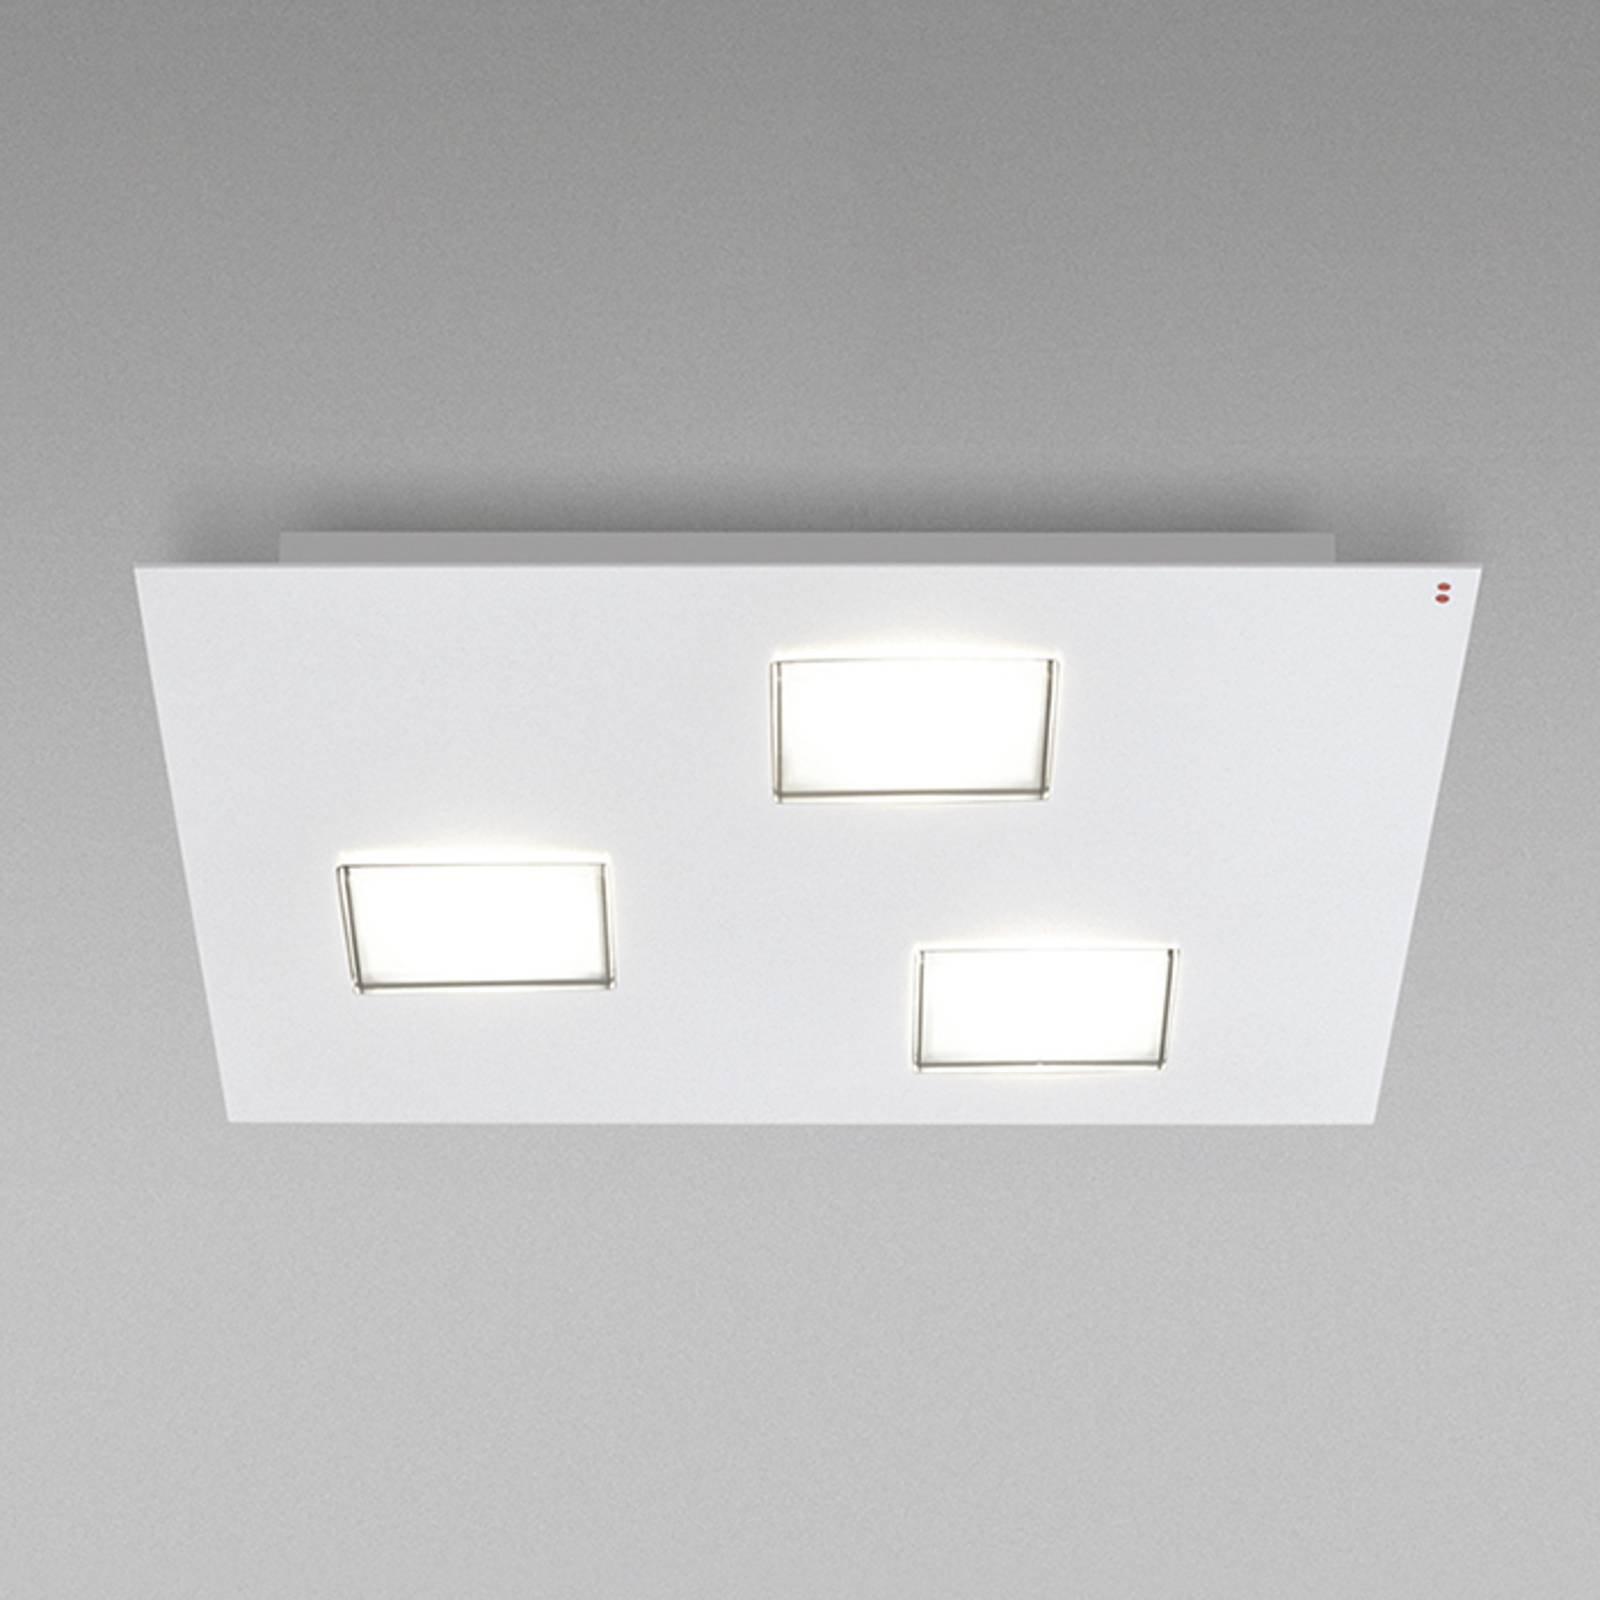 Fabbian Quarter - LED-taklampe 3 lyskilder, hvit